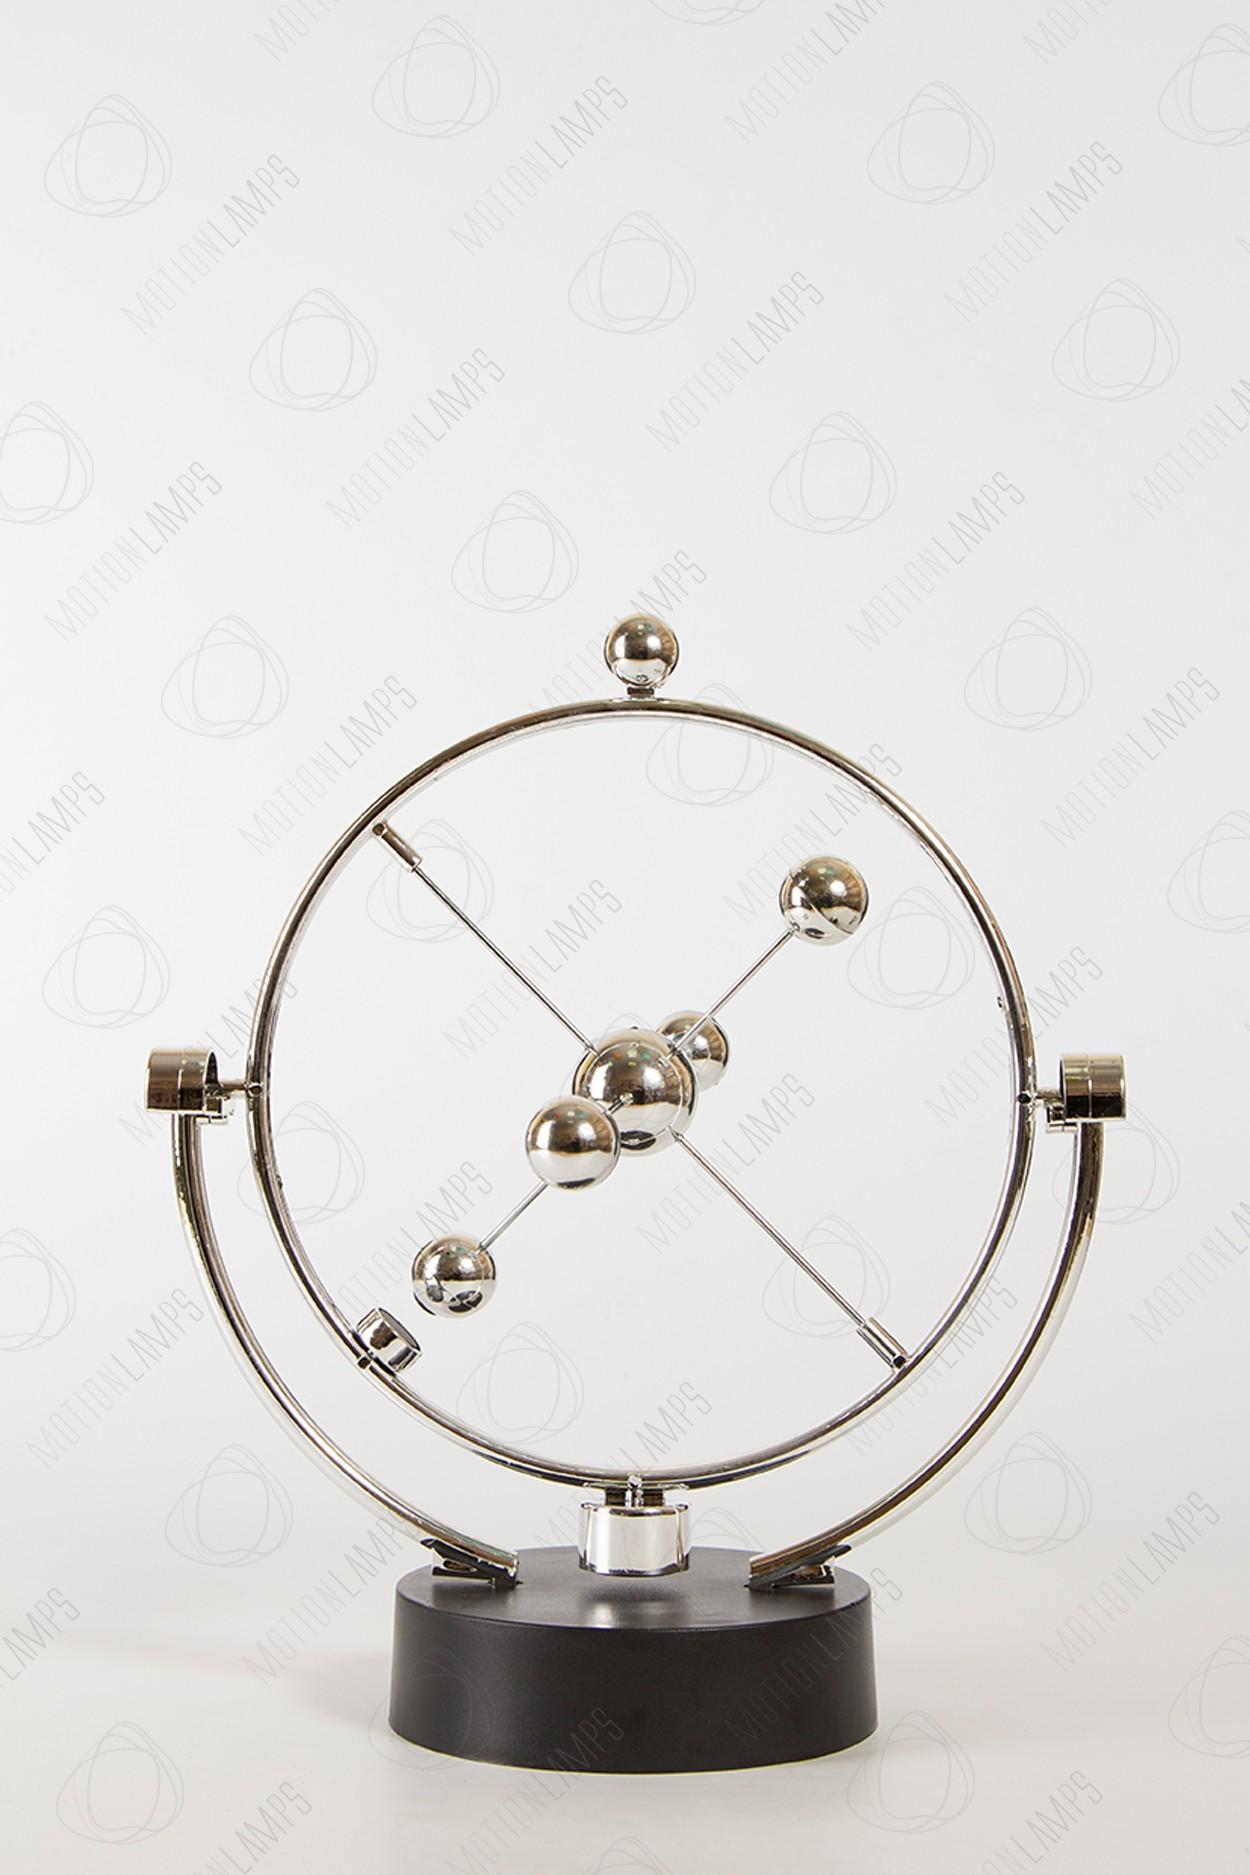 Магнитный маятник Сфера Planets